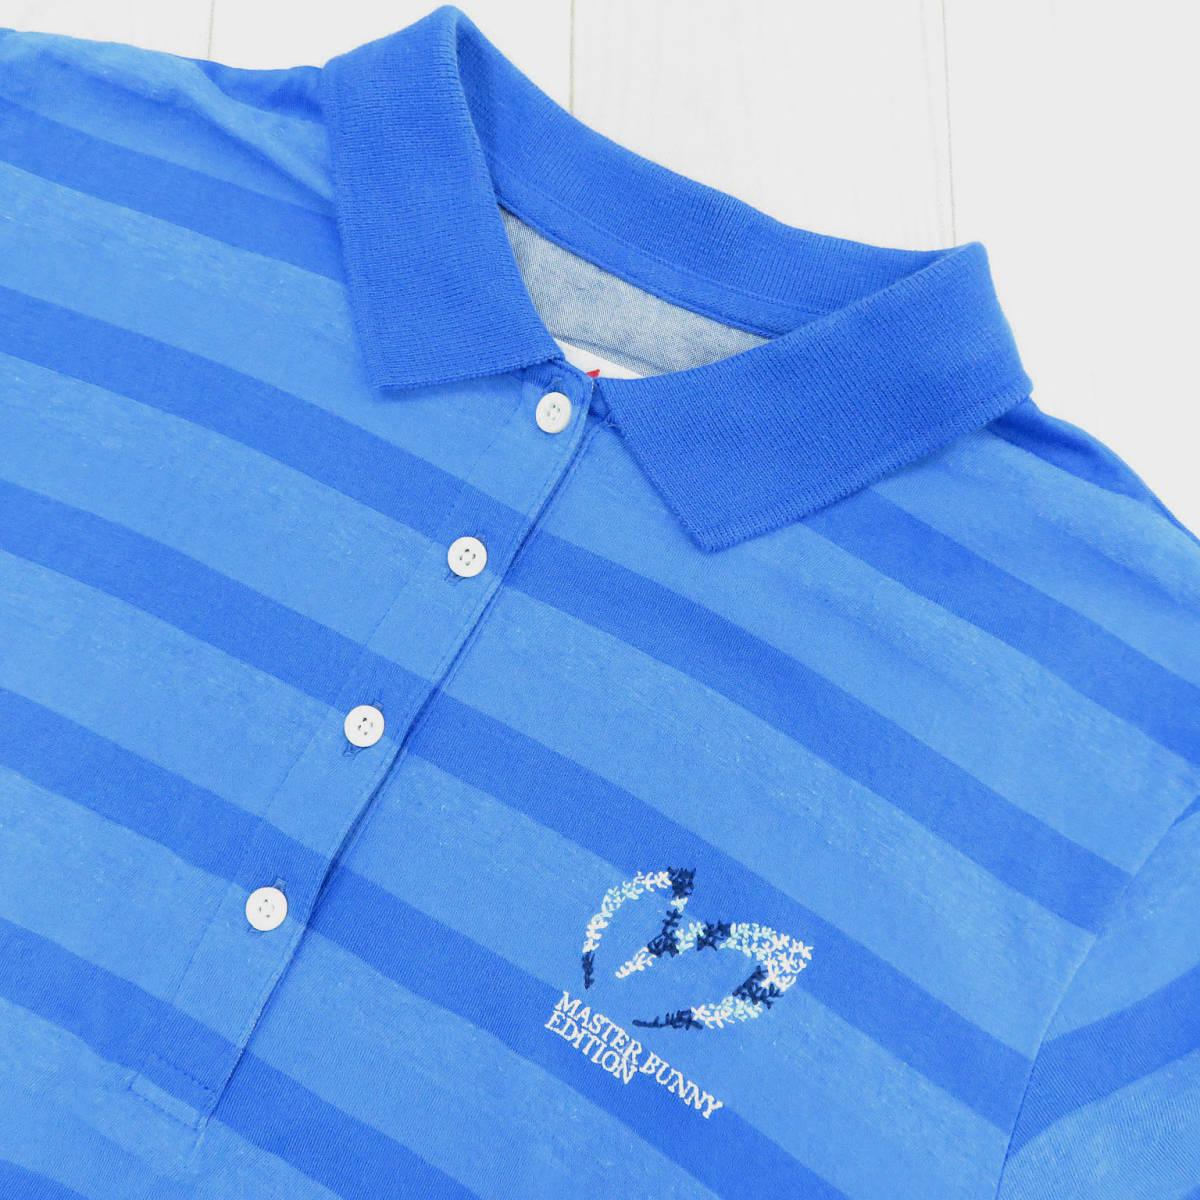 1円~!【送料無料】マスターバニーエディション レディース ポロシャツ ブルー ストライプ サイズ 2 ゴルフウェア【中古】USED [C285]_画像3